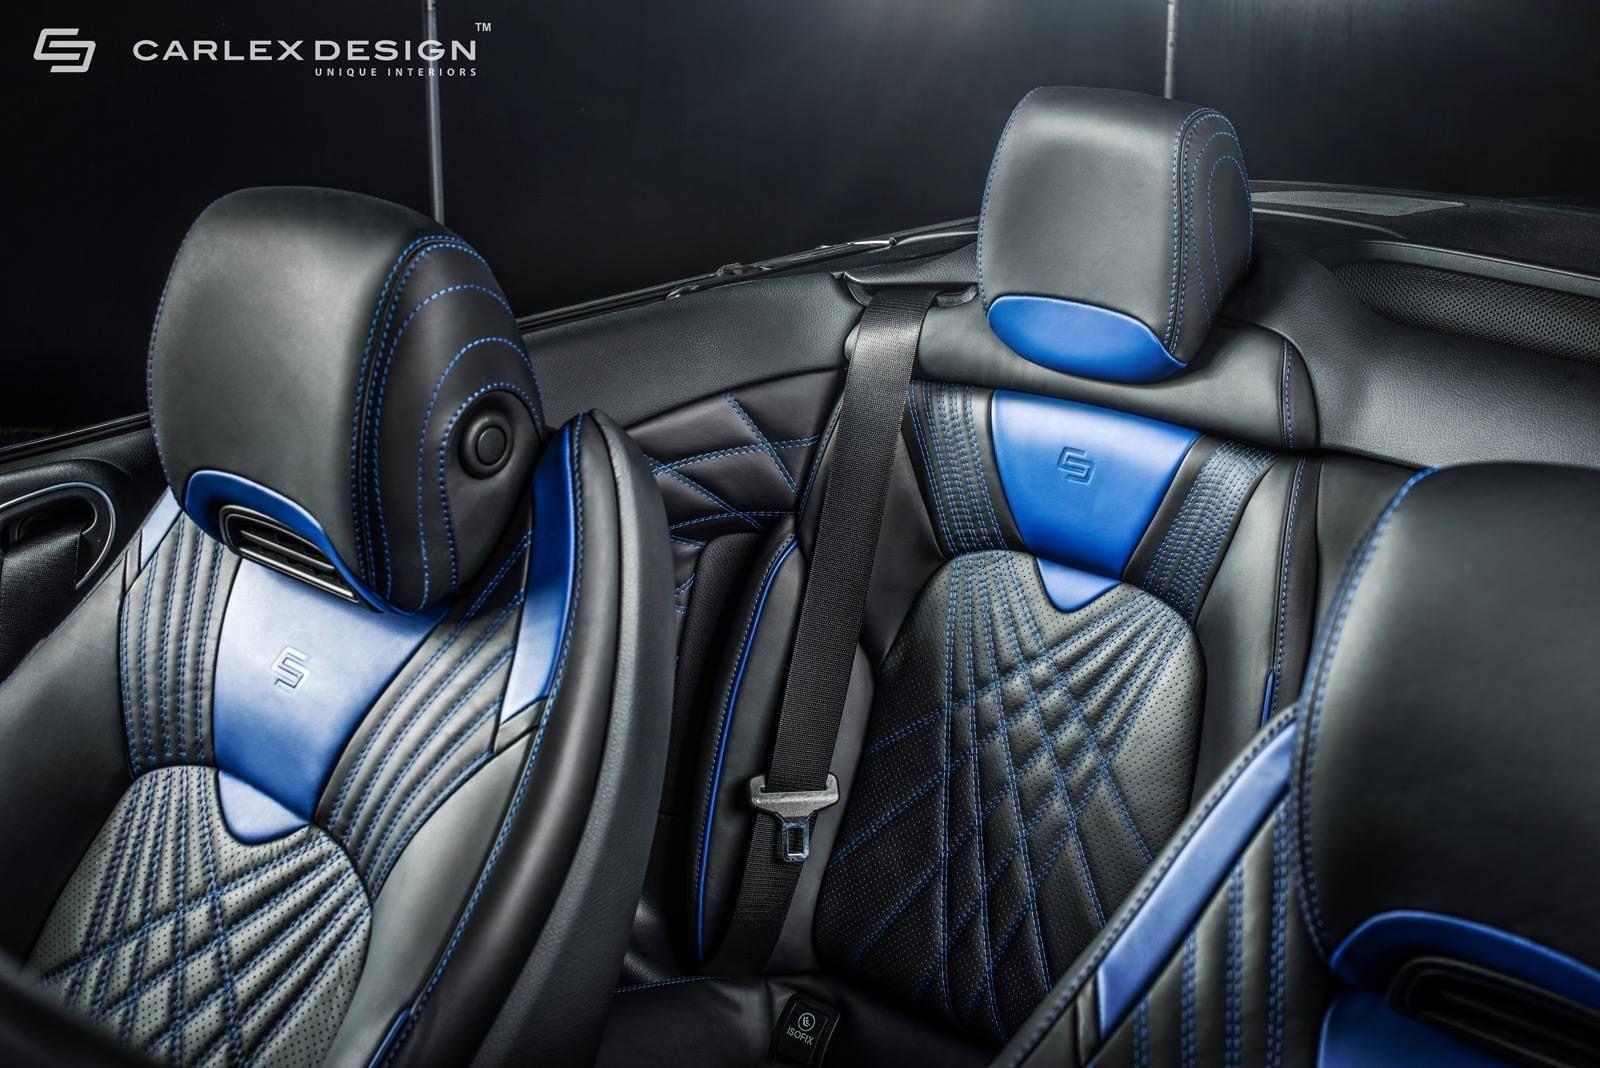 Mercedes C-Class Cabrio By Carlex Design (9)